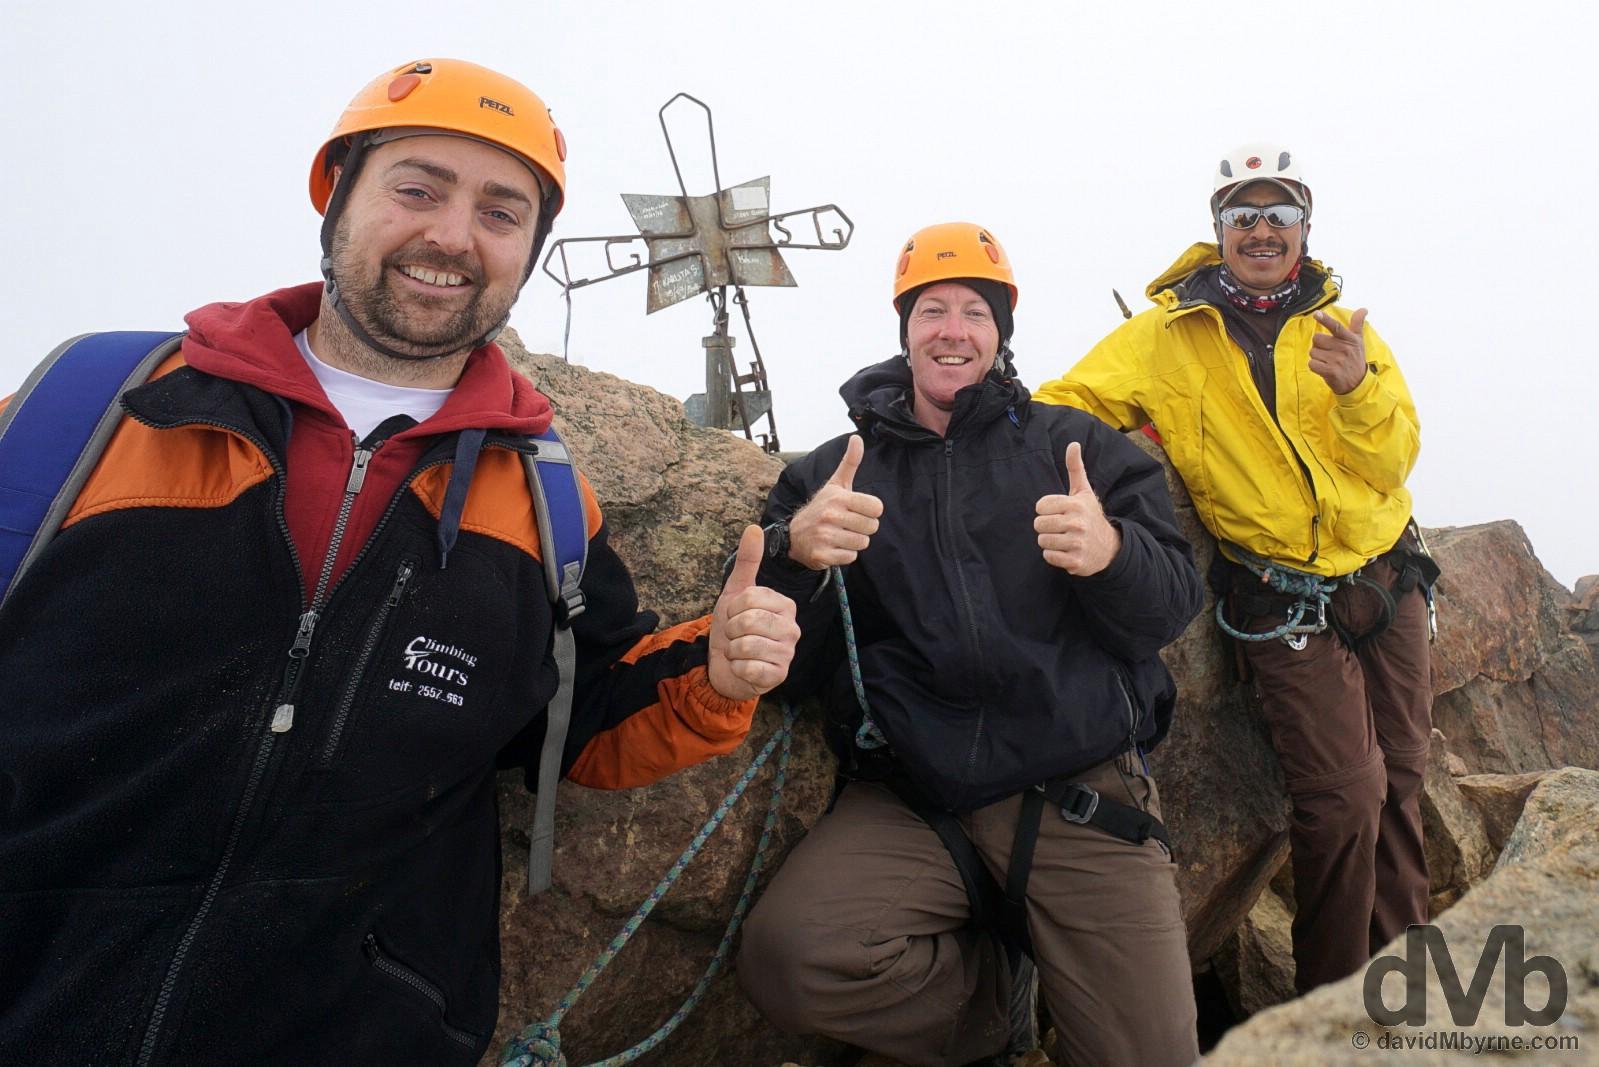 On the 5126 metre summit of Iliniza Norte, Reserva Ecologica Los Ilinizas, Ecuador. July 7, 2015.